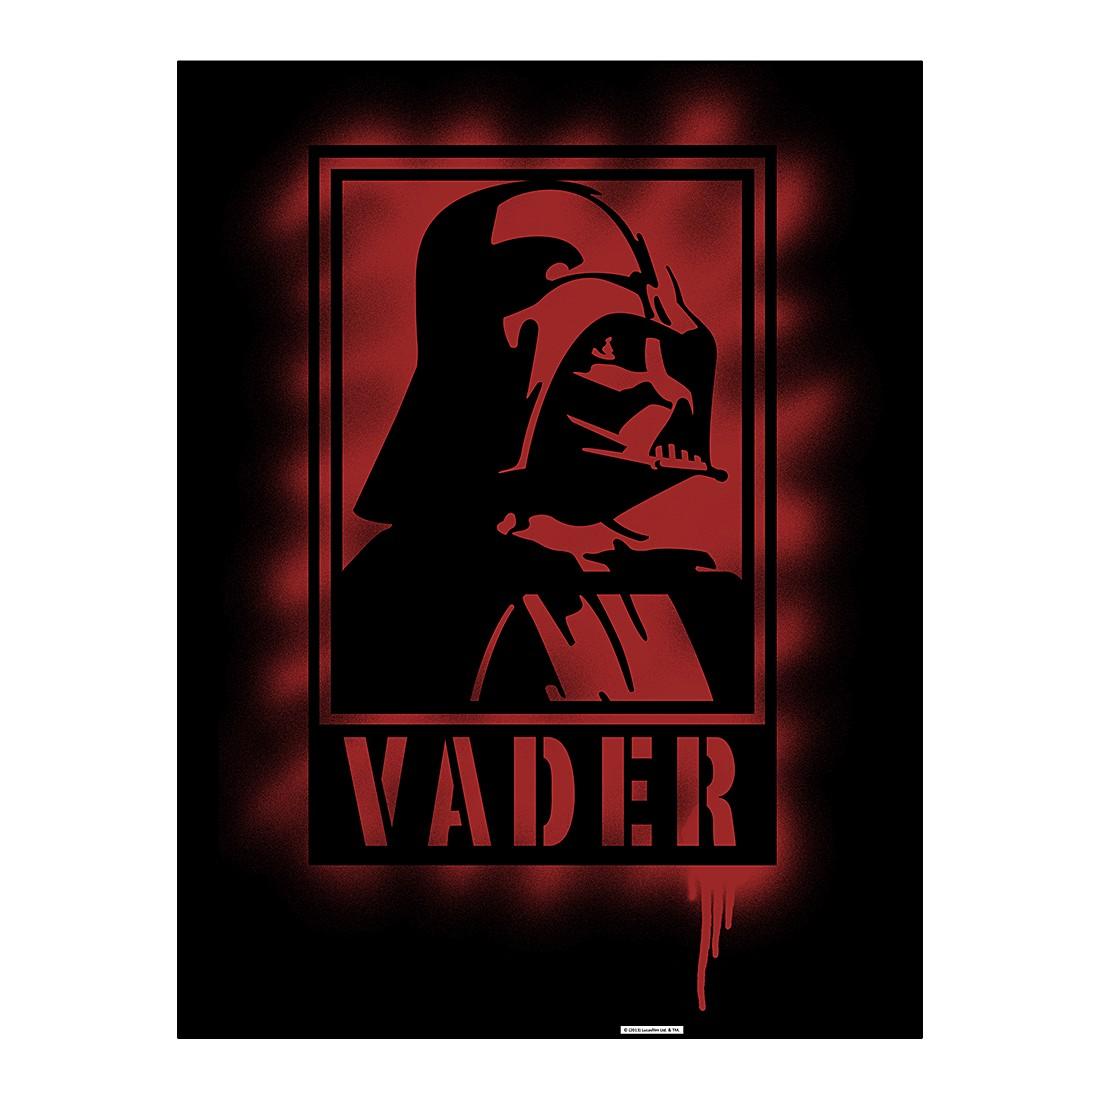 Aluminiumbild Darth Vader II Artwork – 100 x 75 cm, Gallery of Innovative Art online bestellen